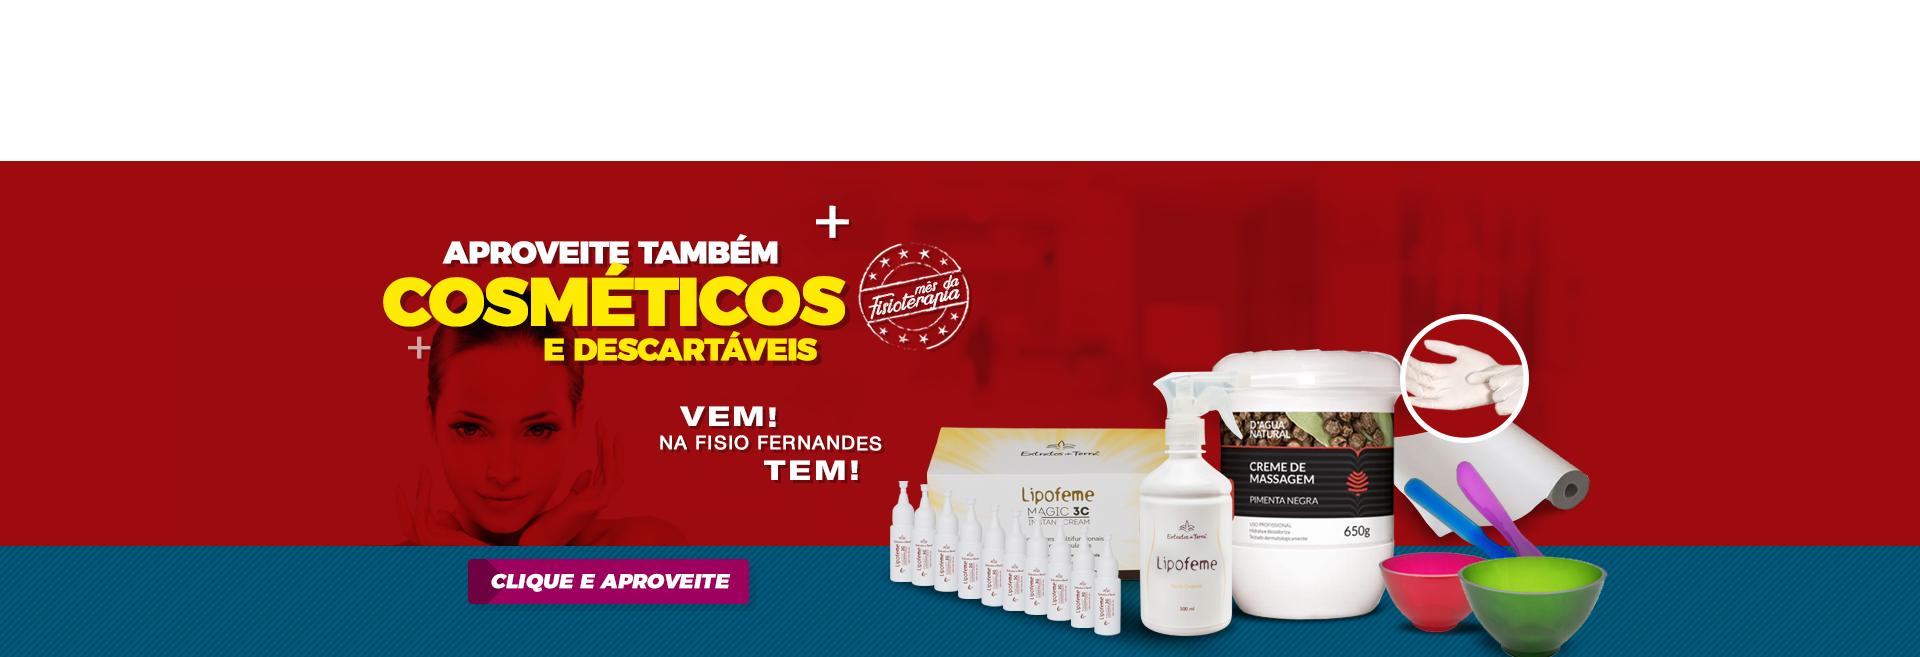 especialidades- cosmeticos